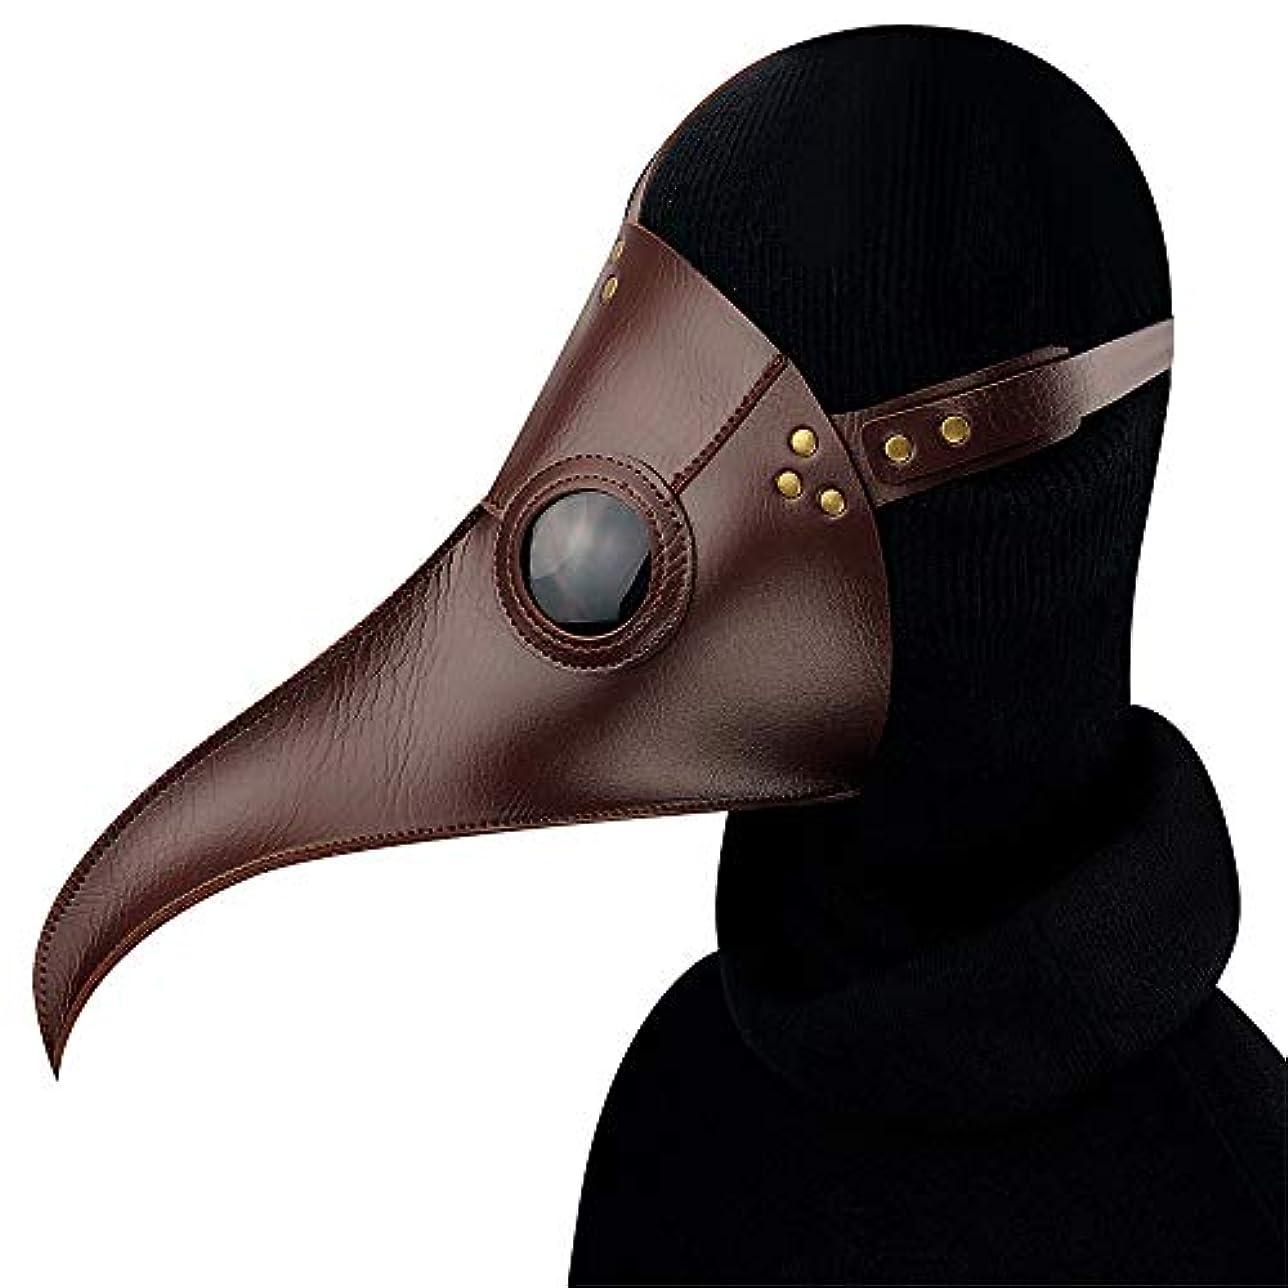 終了しましたバンド印象的なブラウンスチームパンクペストロングバード口マスクハロウィンプロップギフトロング鼻バードマスク